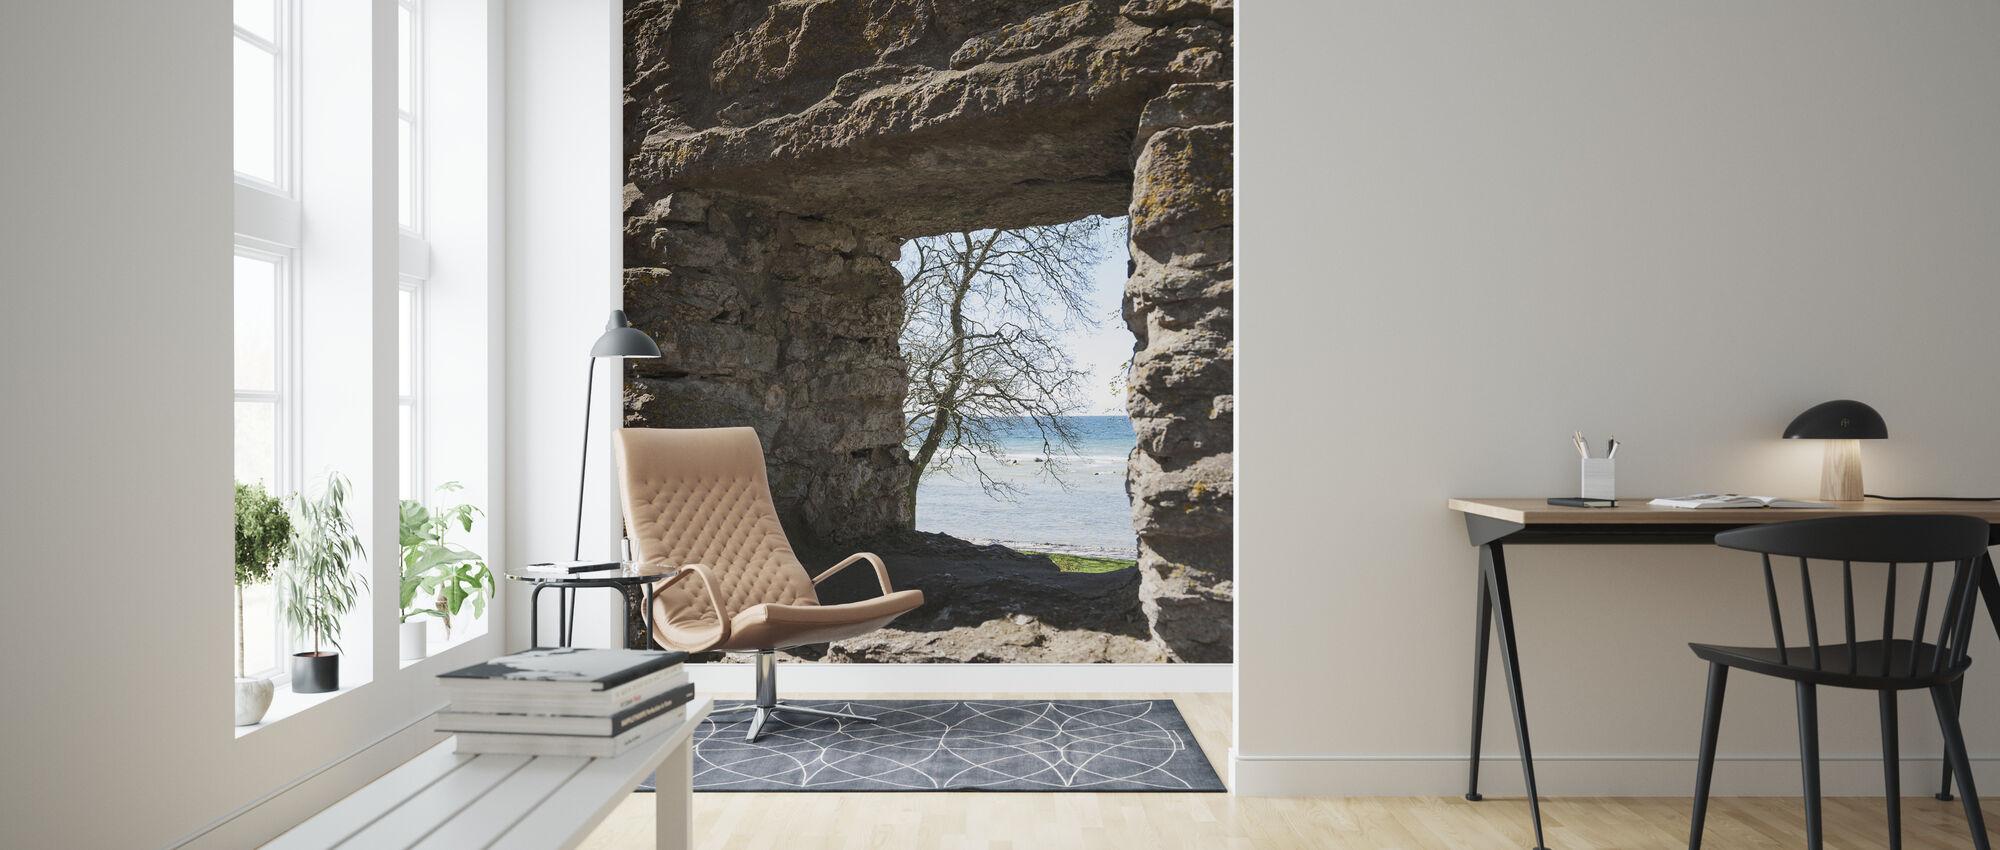 Steinfenster - Tapete - Wohnzimmer